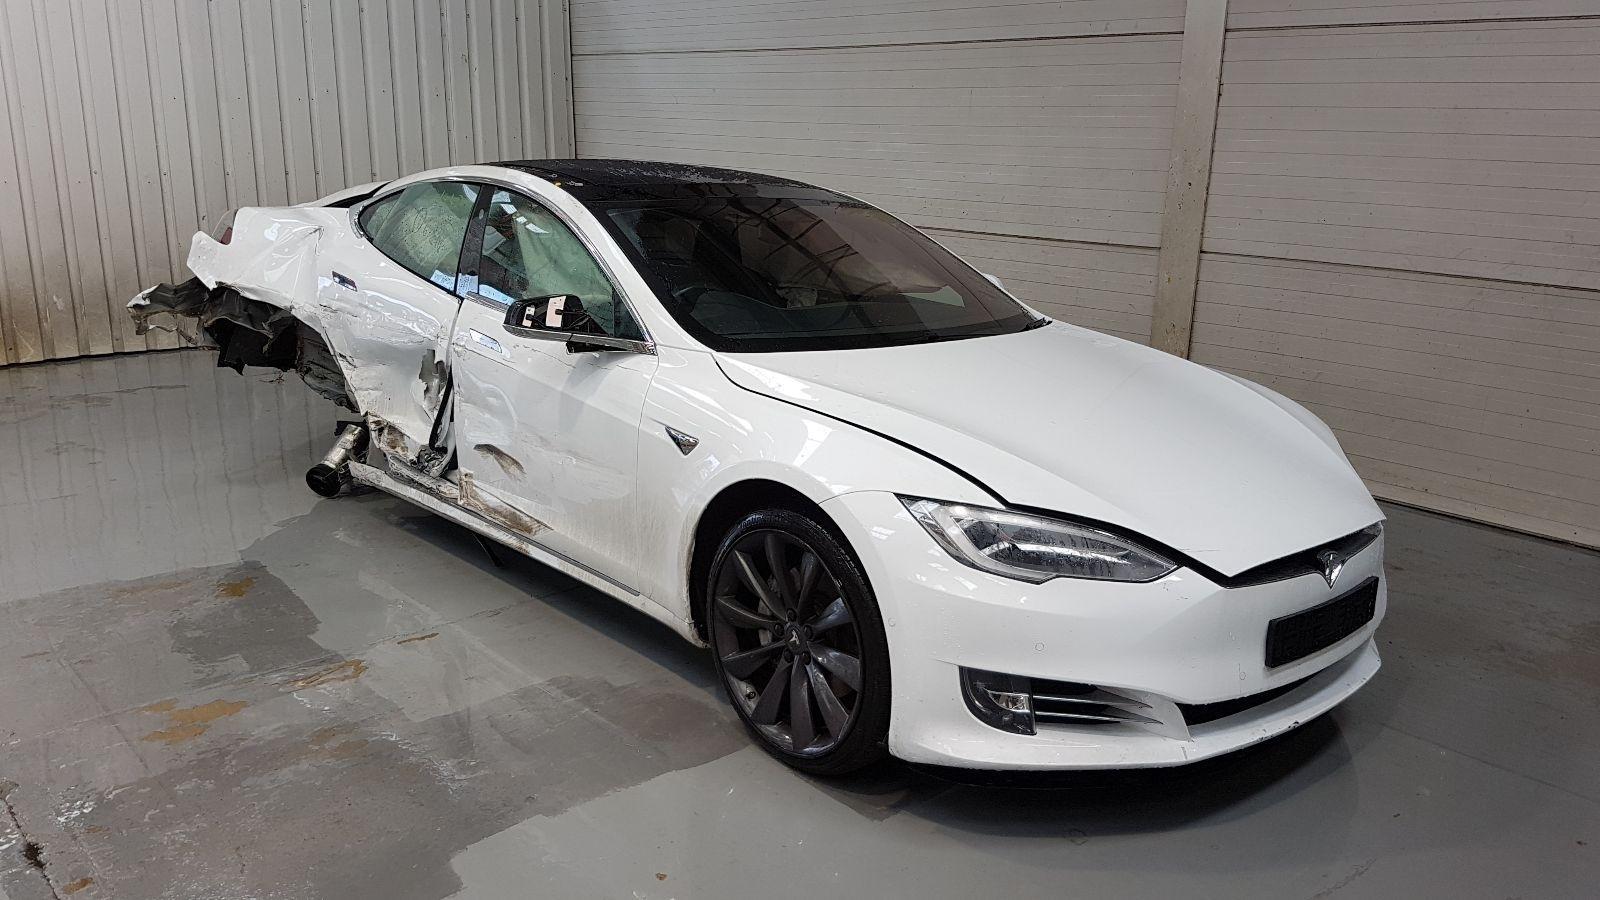 Image for a Tesla Model S 2017 5 Door Hatchback